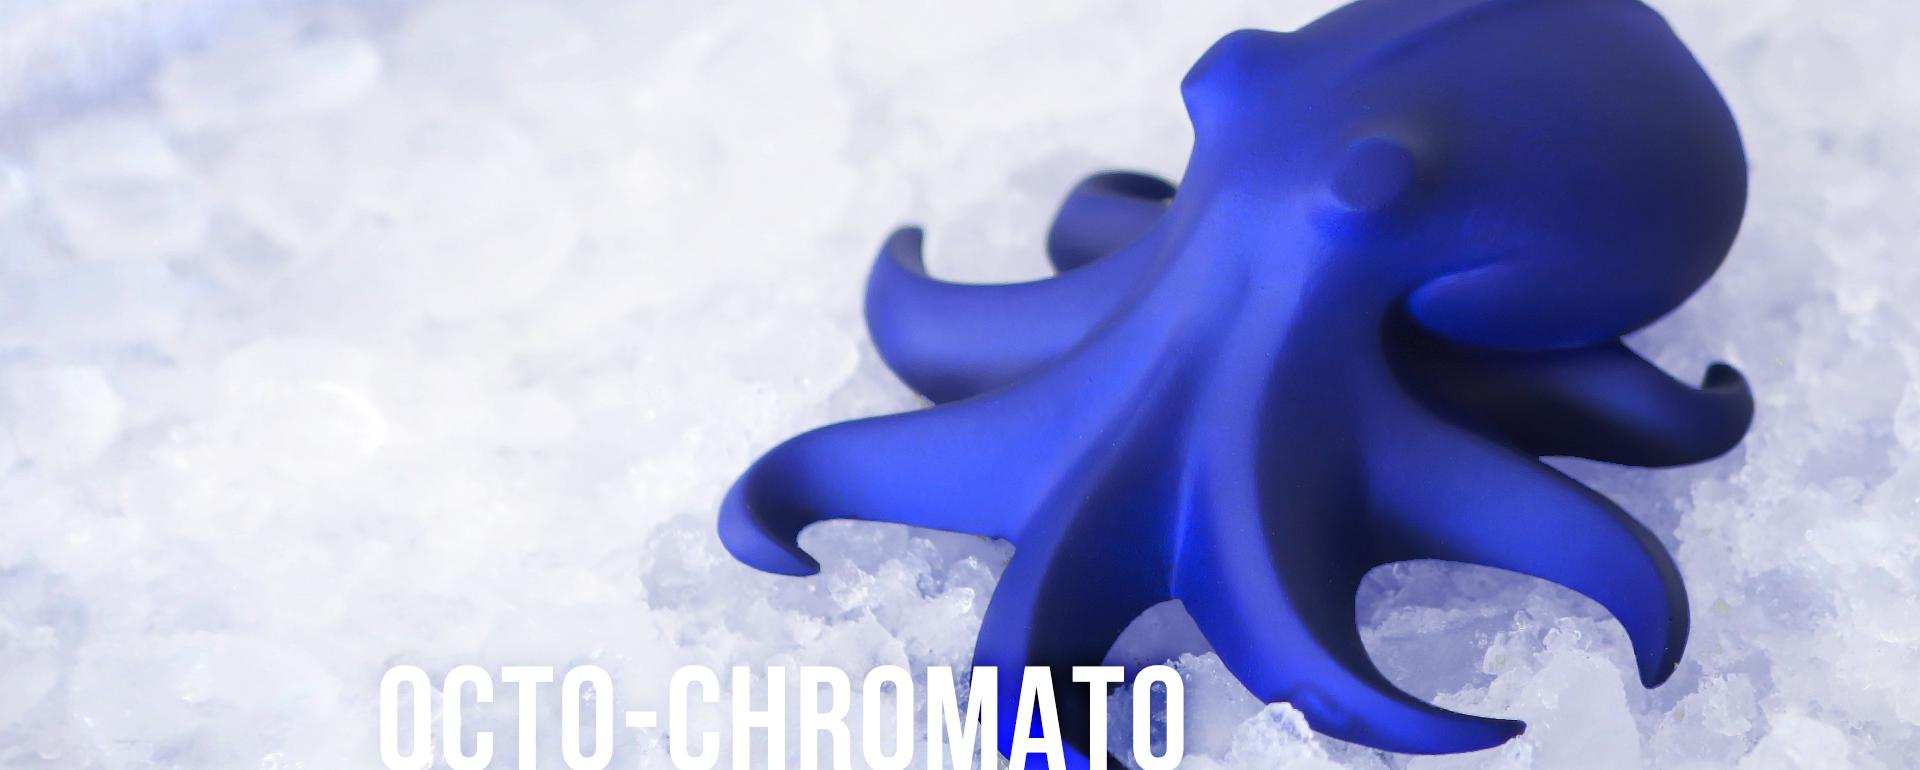 BLEU_Banniere_Chromato